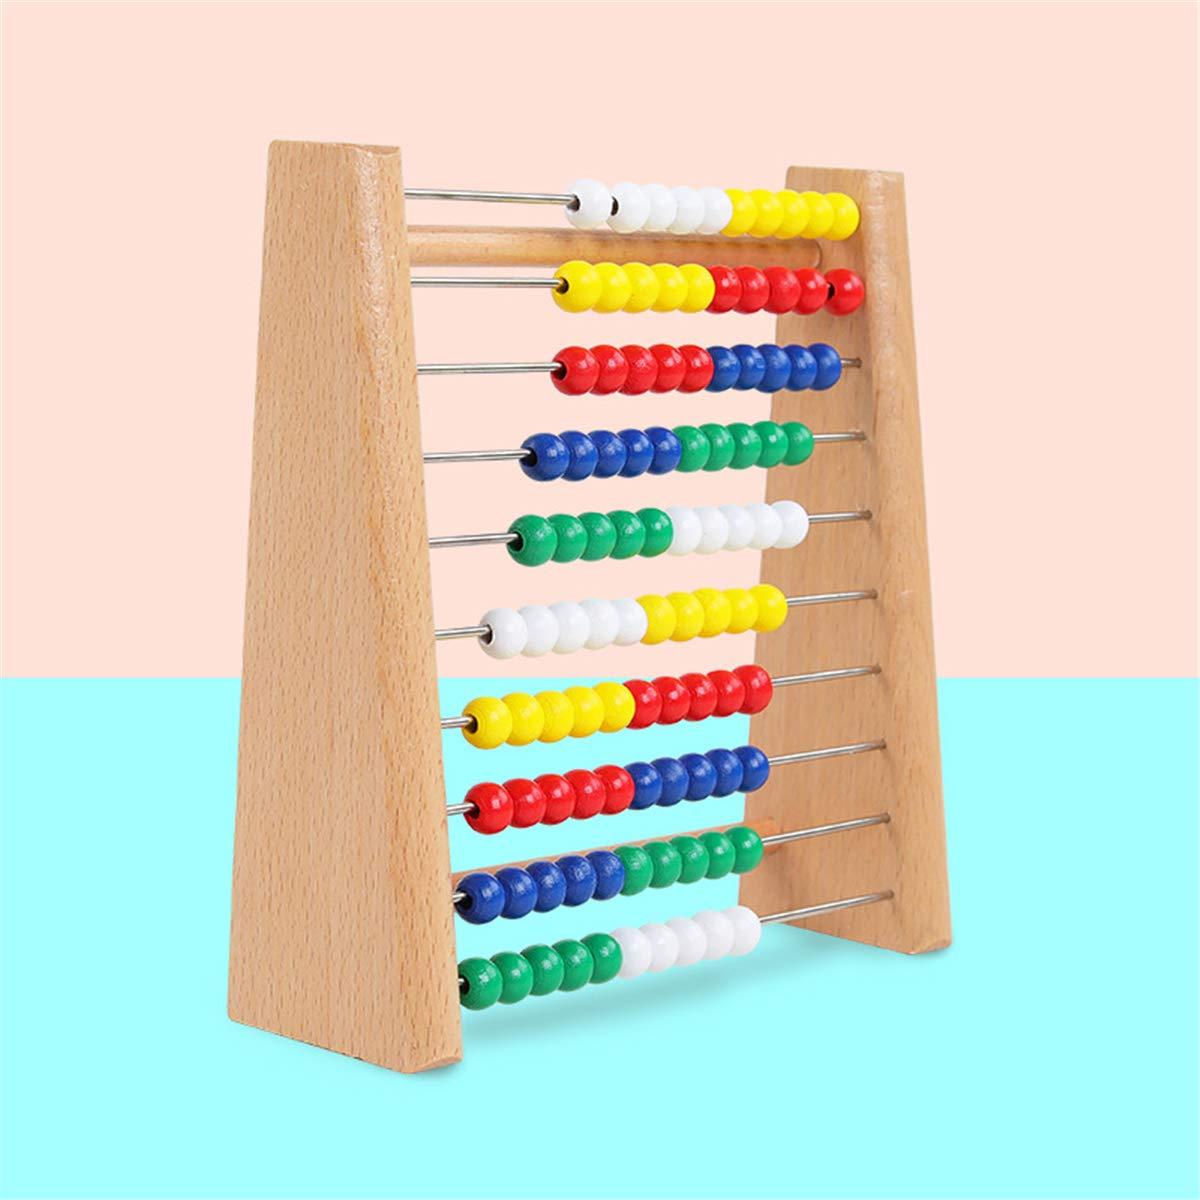 Chiic Montessori Mathe Spielzeug,Abakus Rechenschieber,Abacus Classic Wooden Toy 123 Lernen Mathematik Z/ählen Perlen P/ädagogische Z/ähler Spielzeug F/ür Baby Kleinkind